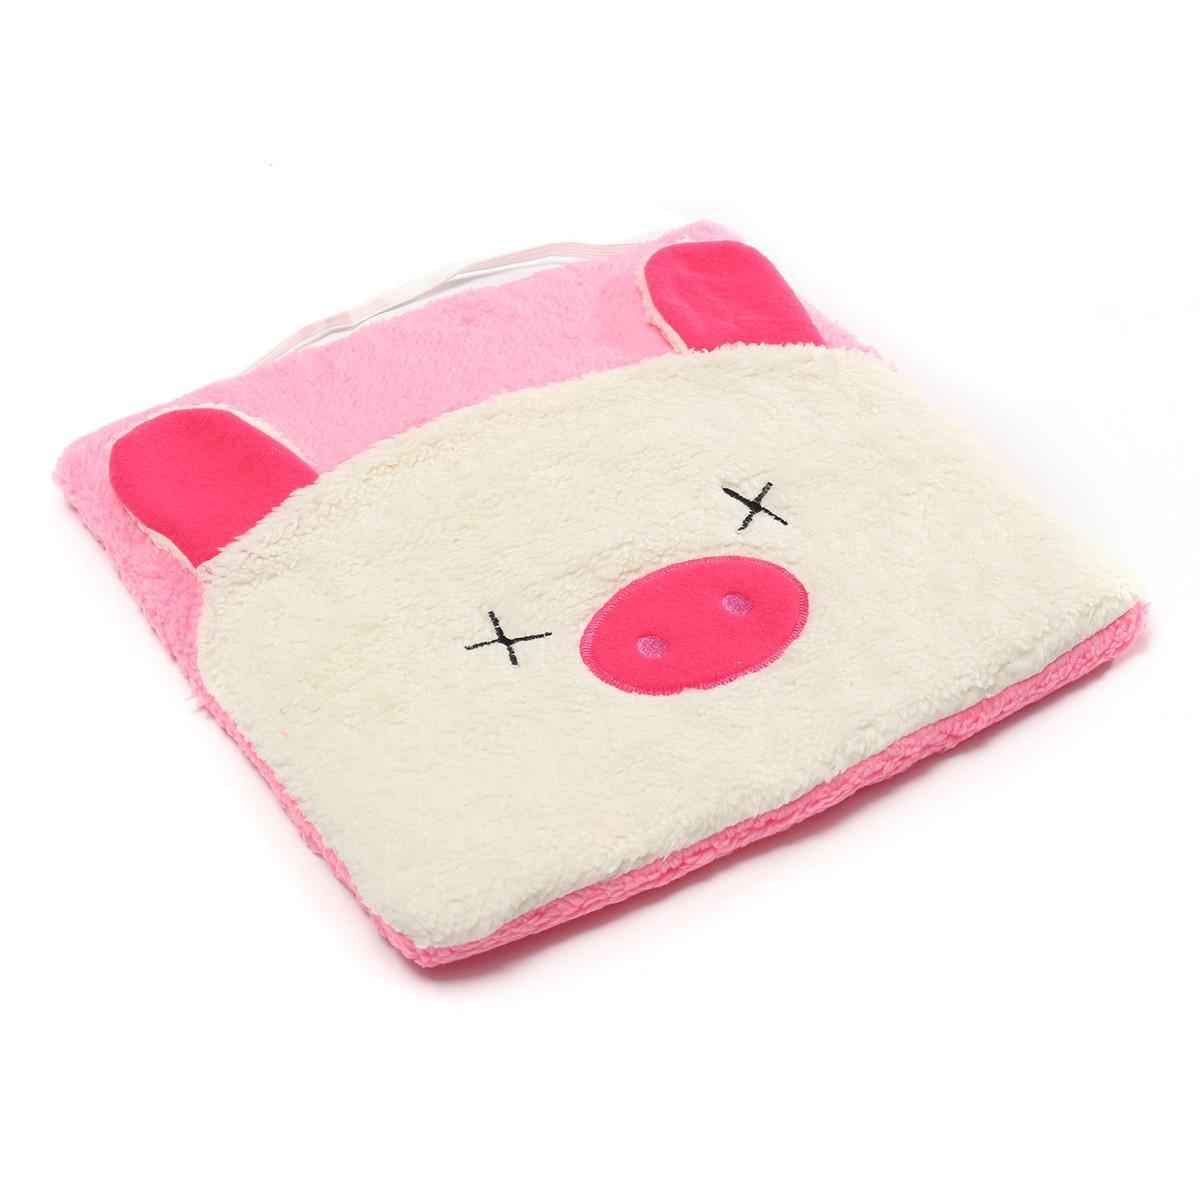 36 x 34cm Cotton Plush Cute Cartoon Cushion Car Office Chair Seat Home Sofa Pillow Pad